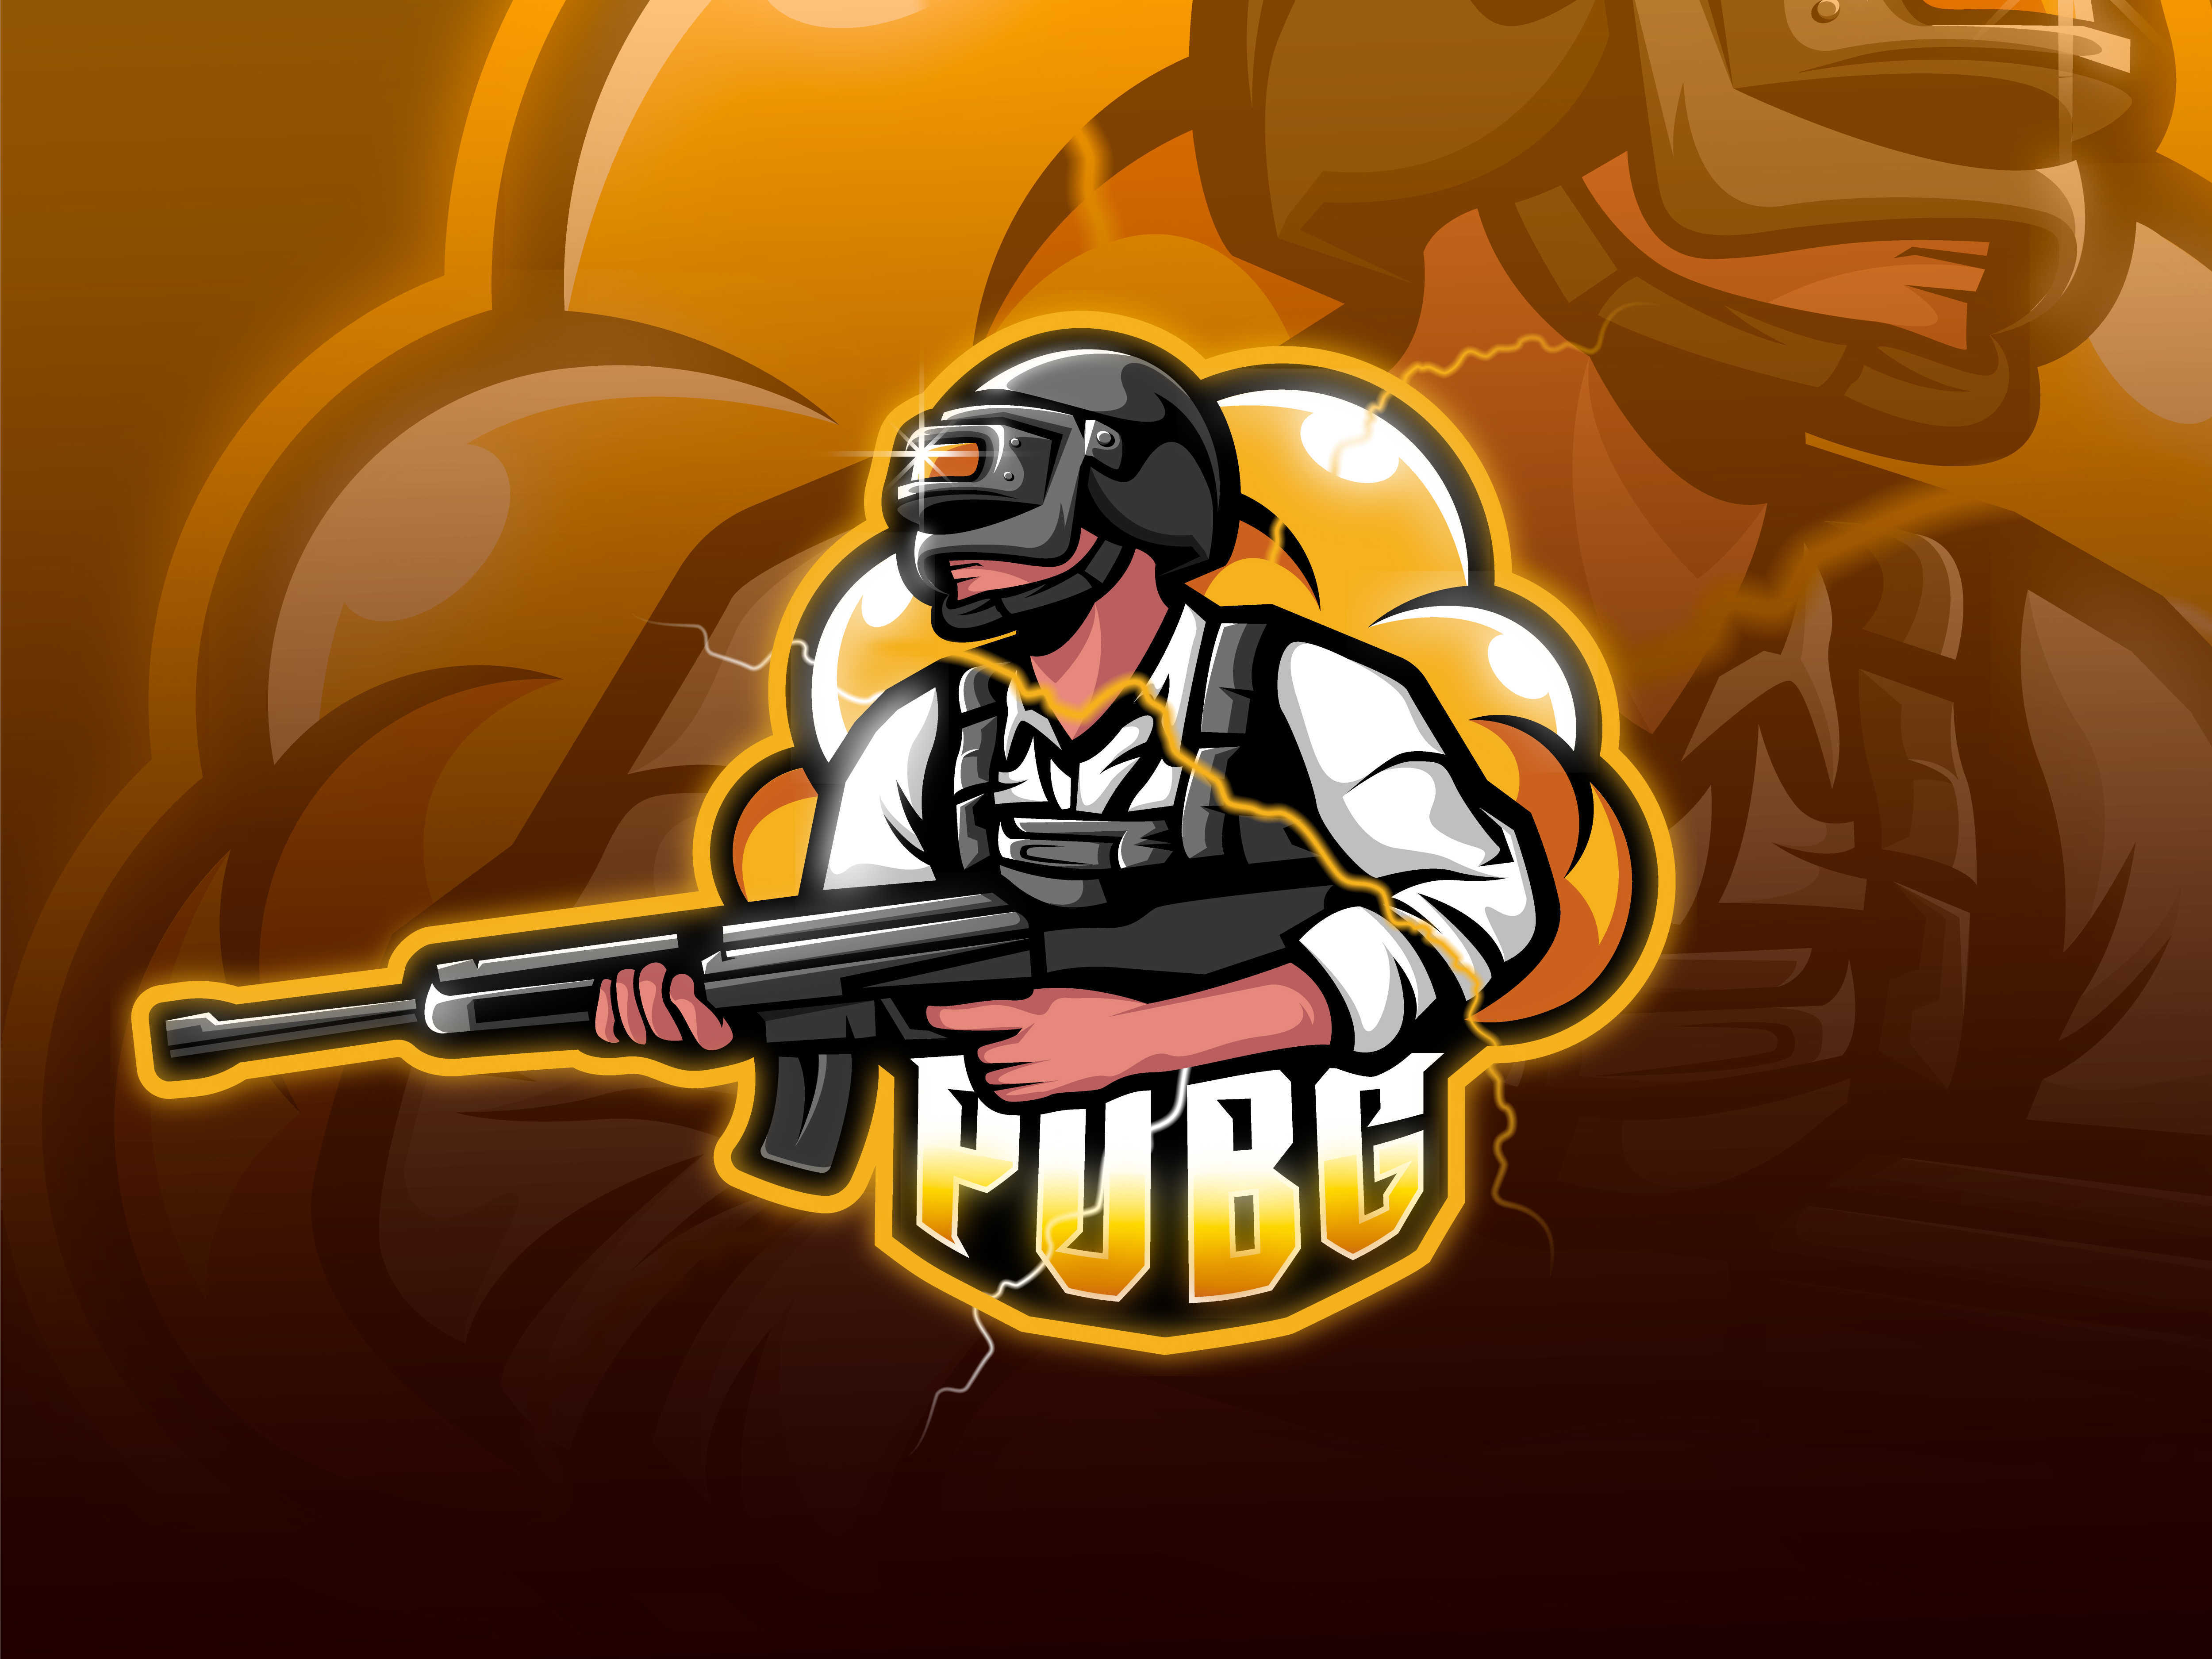 Pubg Logo Playerunknowns Battlegrounds 32 Backgrounds